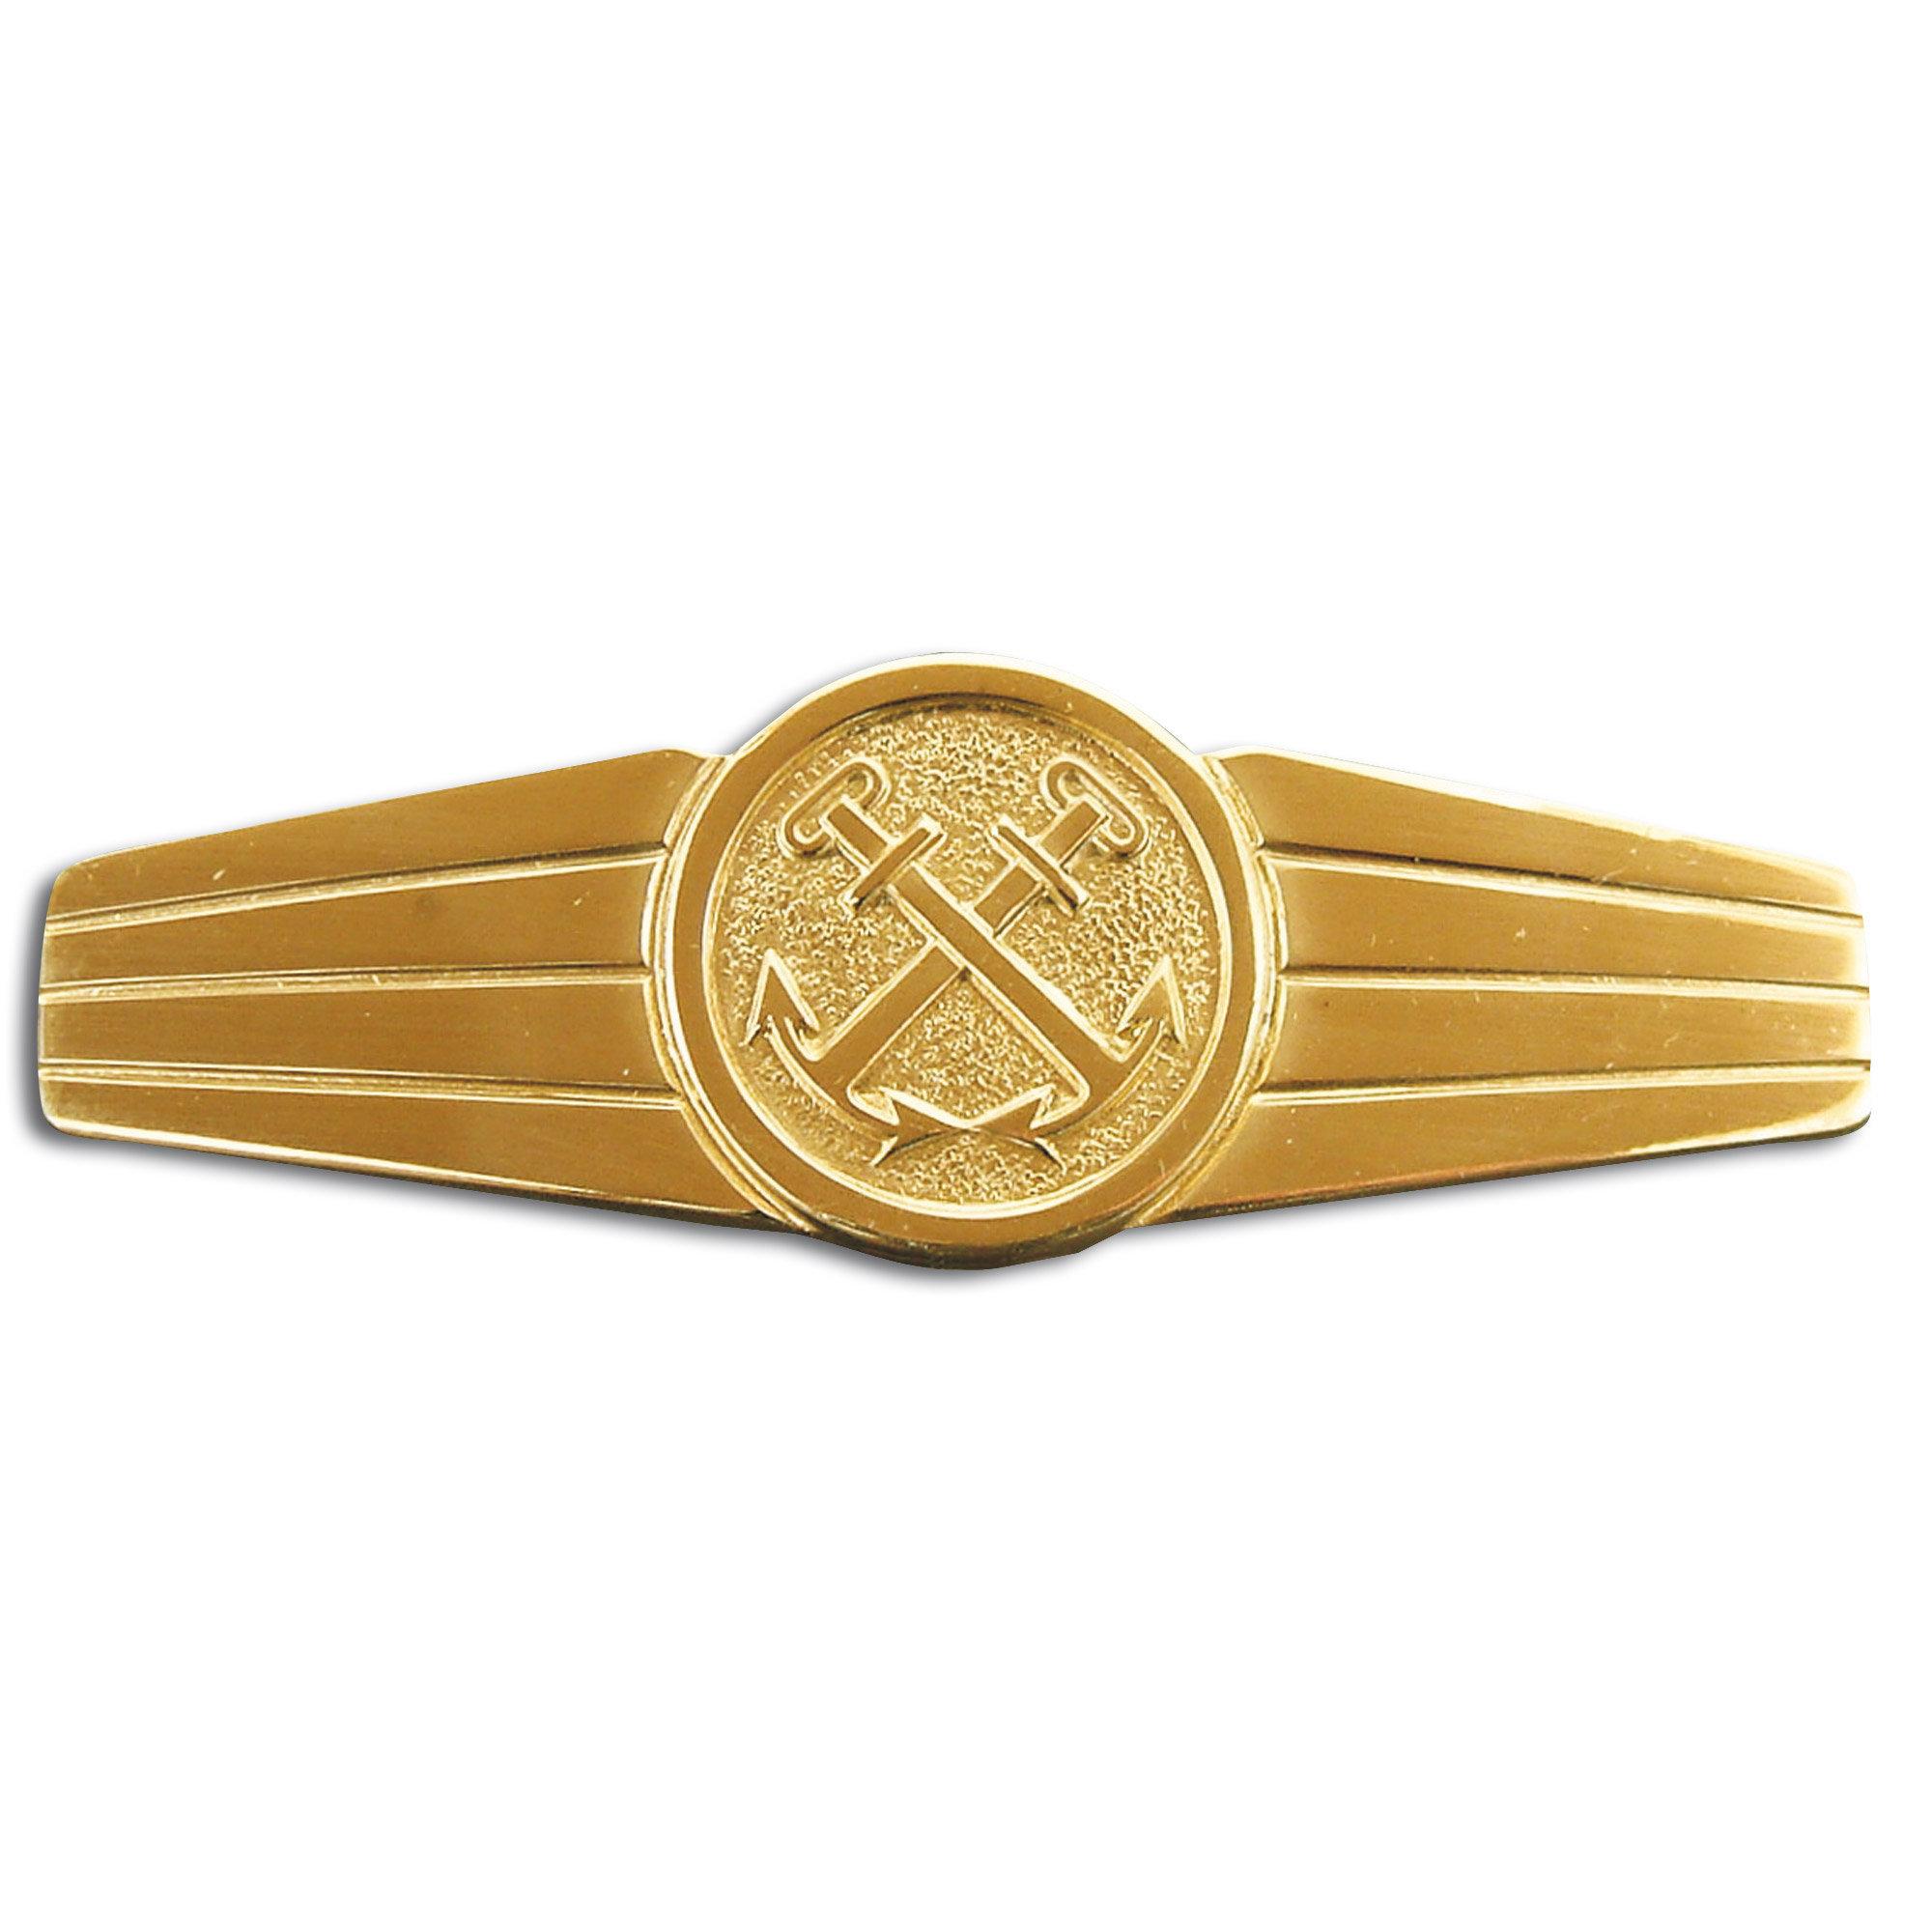 Abzeichen BW Marinedienstpersonal Metall gold